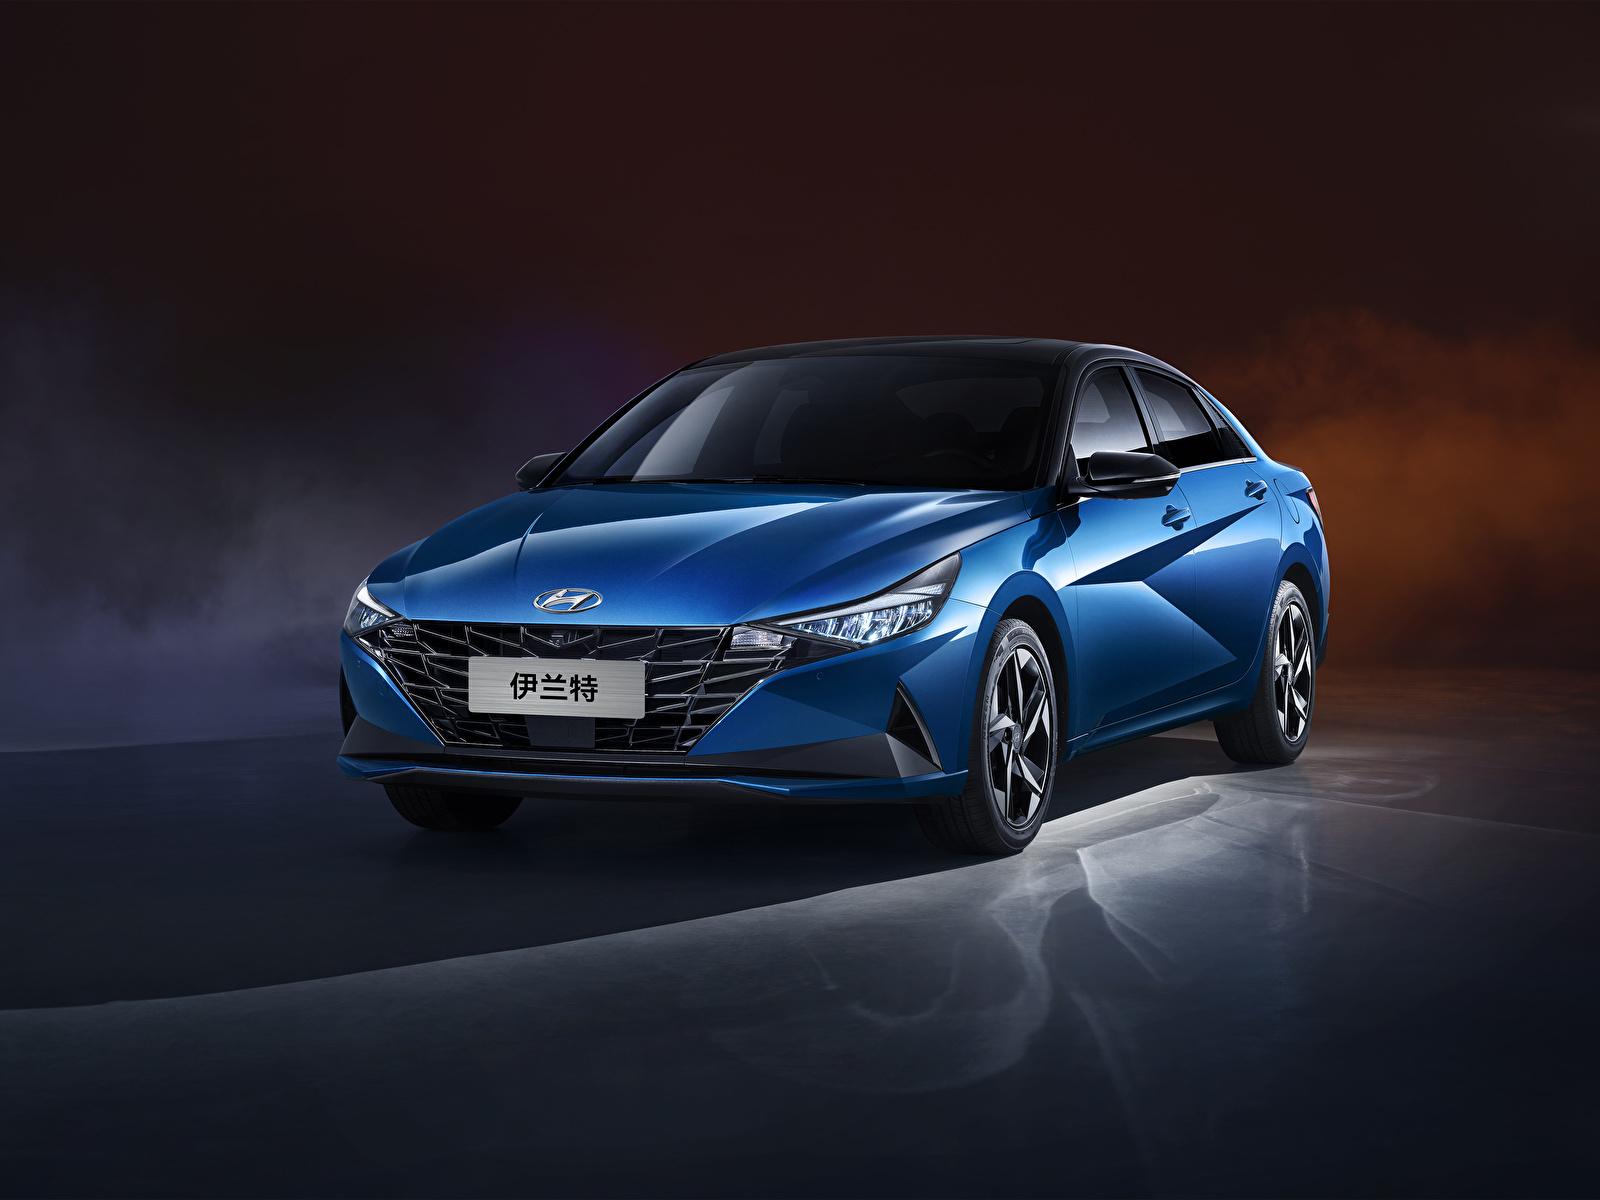 Фотографии Хендай Синий Металлик Автомобили 1600x1200 Hyundai синяя синие синих авто машины машина автомобиль